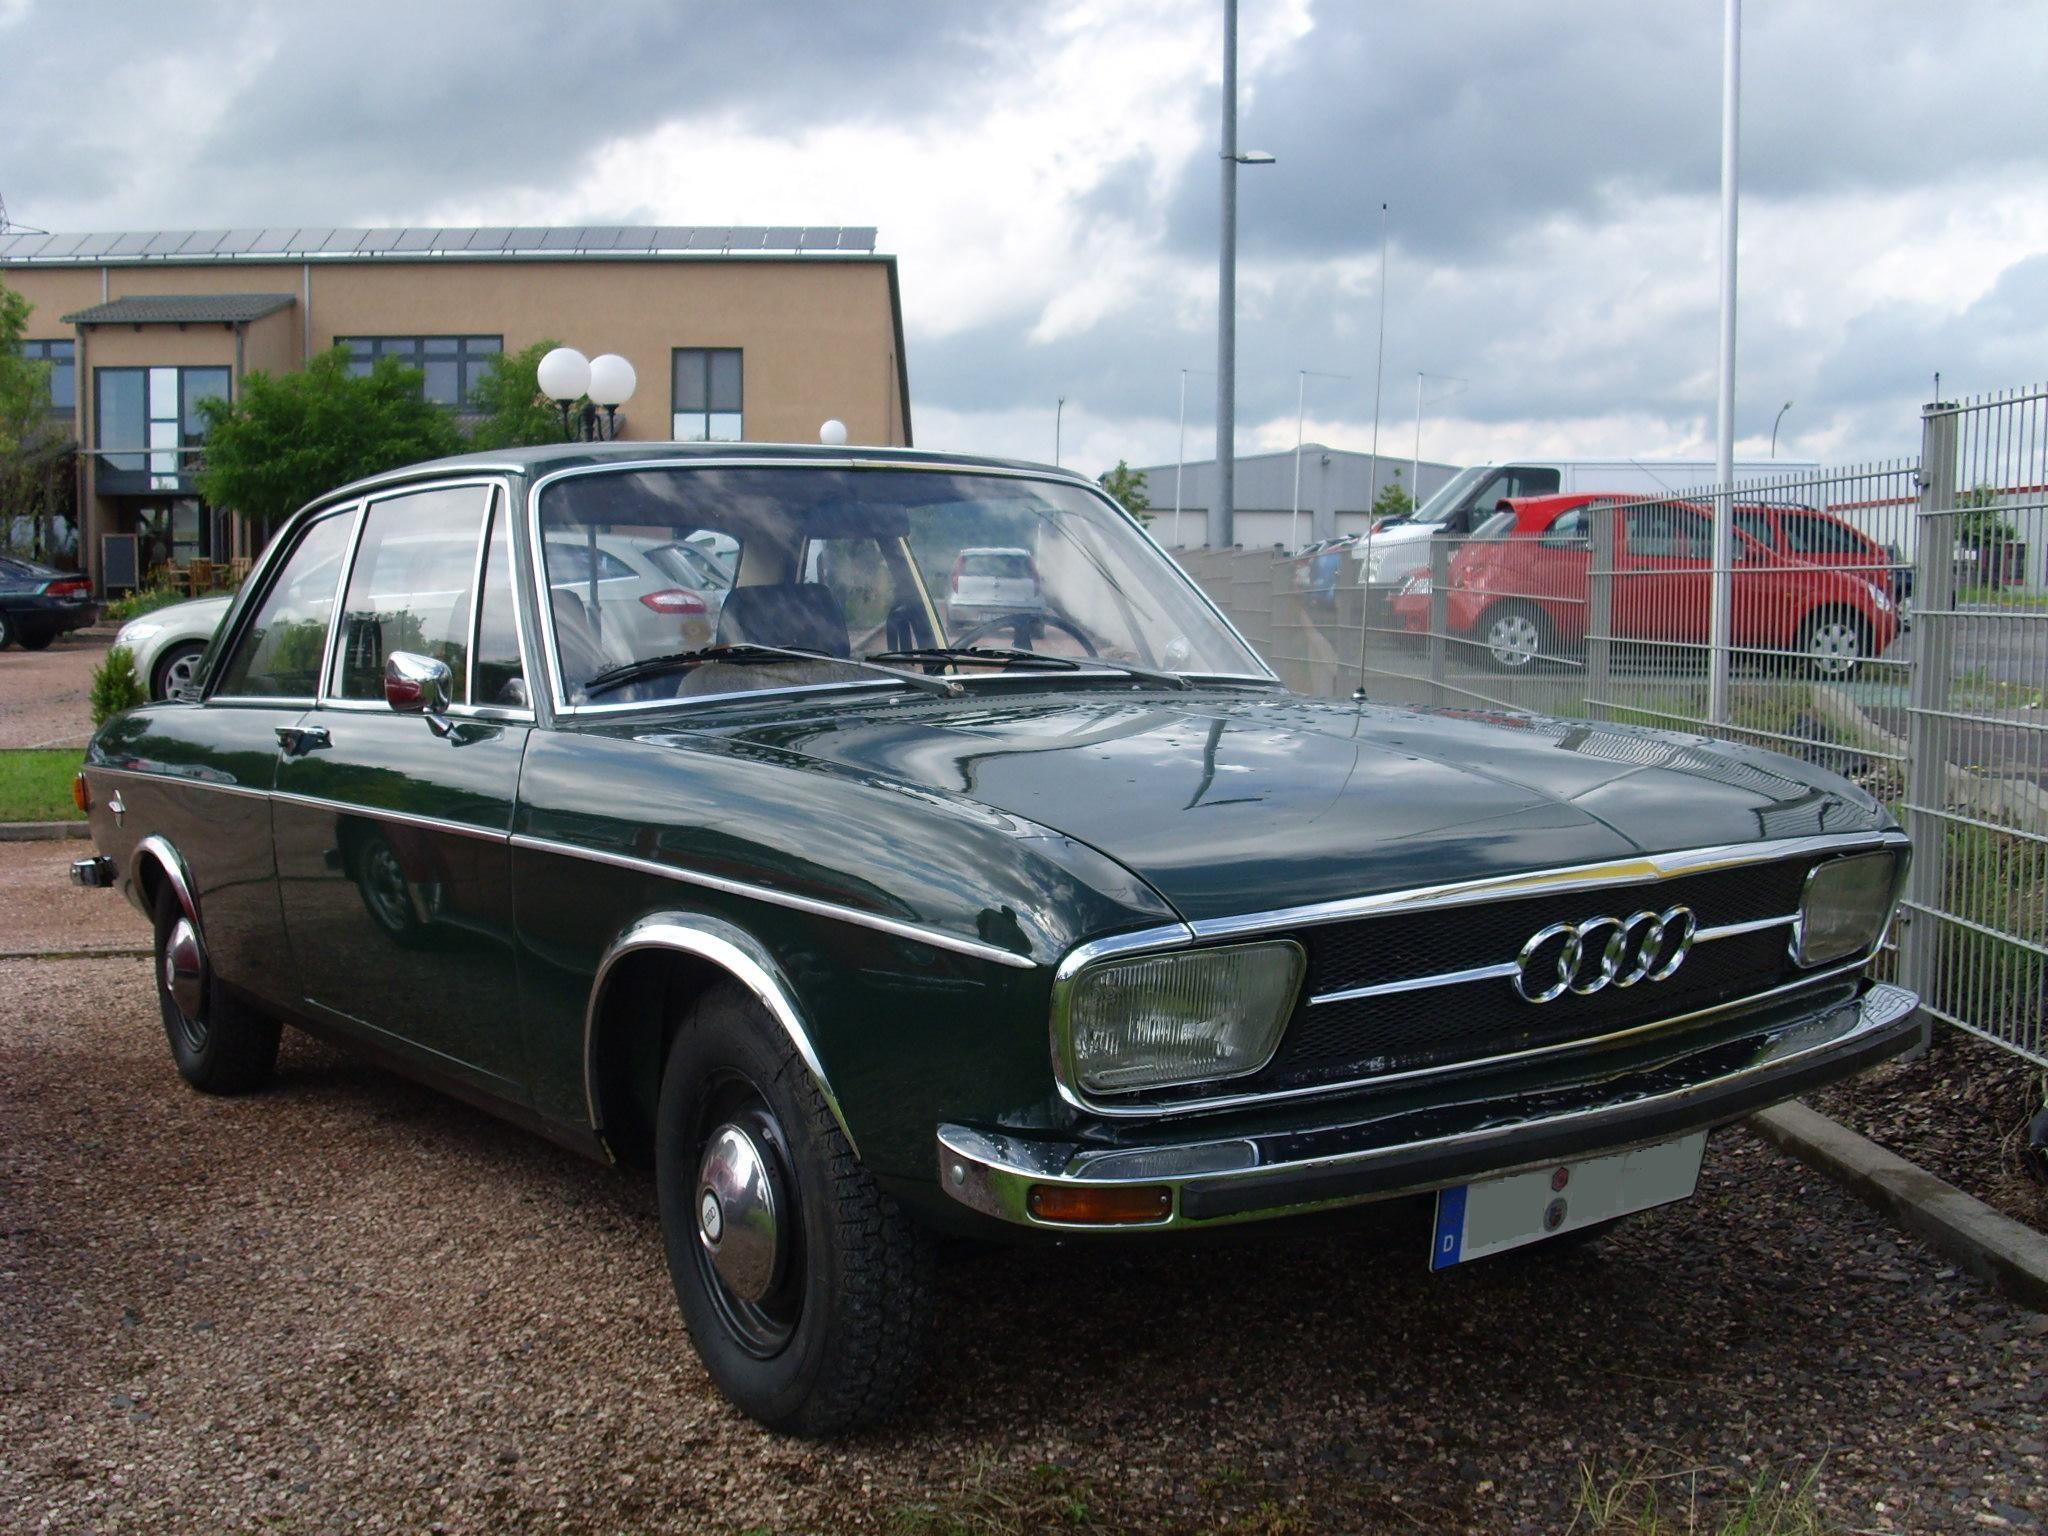 Audi NSU 100 LS 1970 | Audi, Bmw car, Bmw